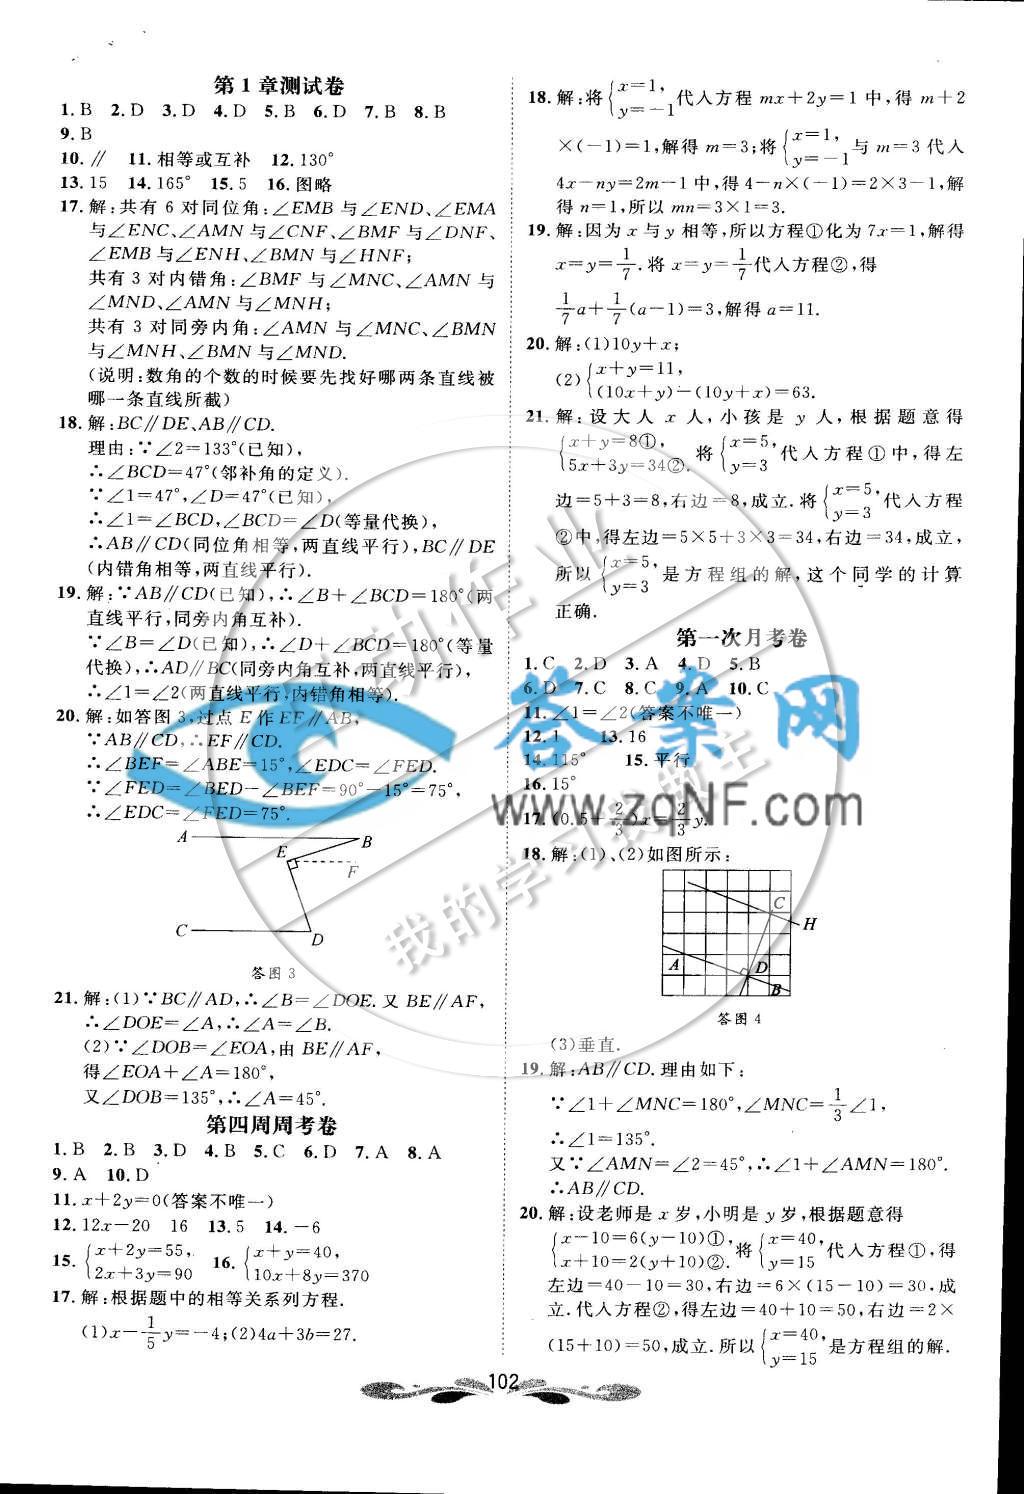 過關沖刺100分七年級數學下冊浙教版答案_答案網